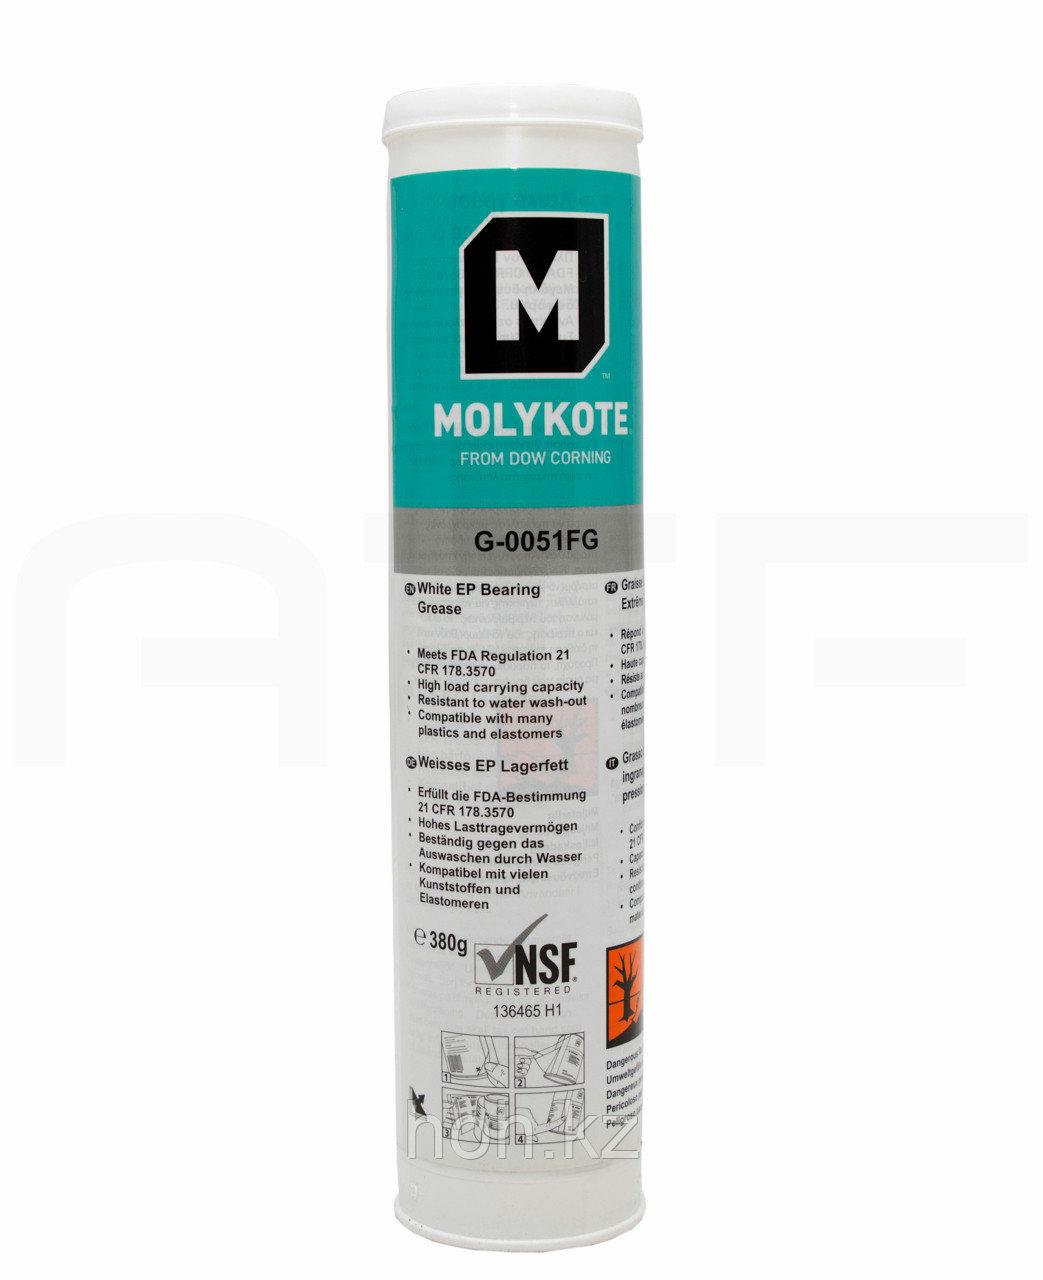 Molykote G-0051 FG Пластичная смазка с пищевым допуском EP-1